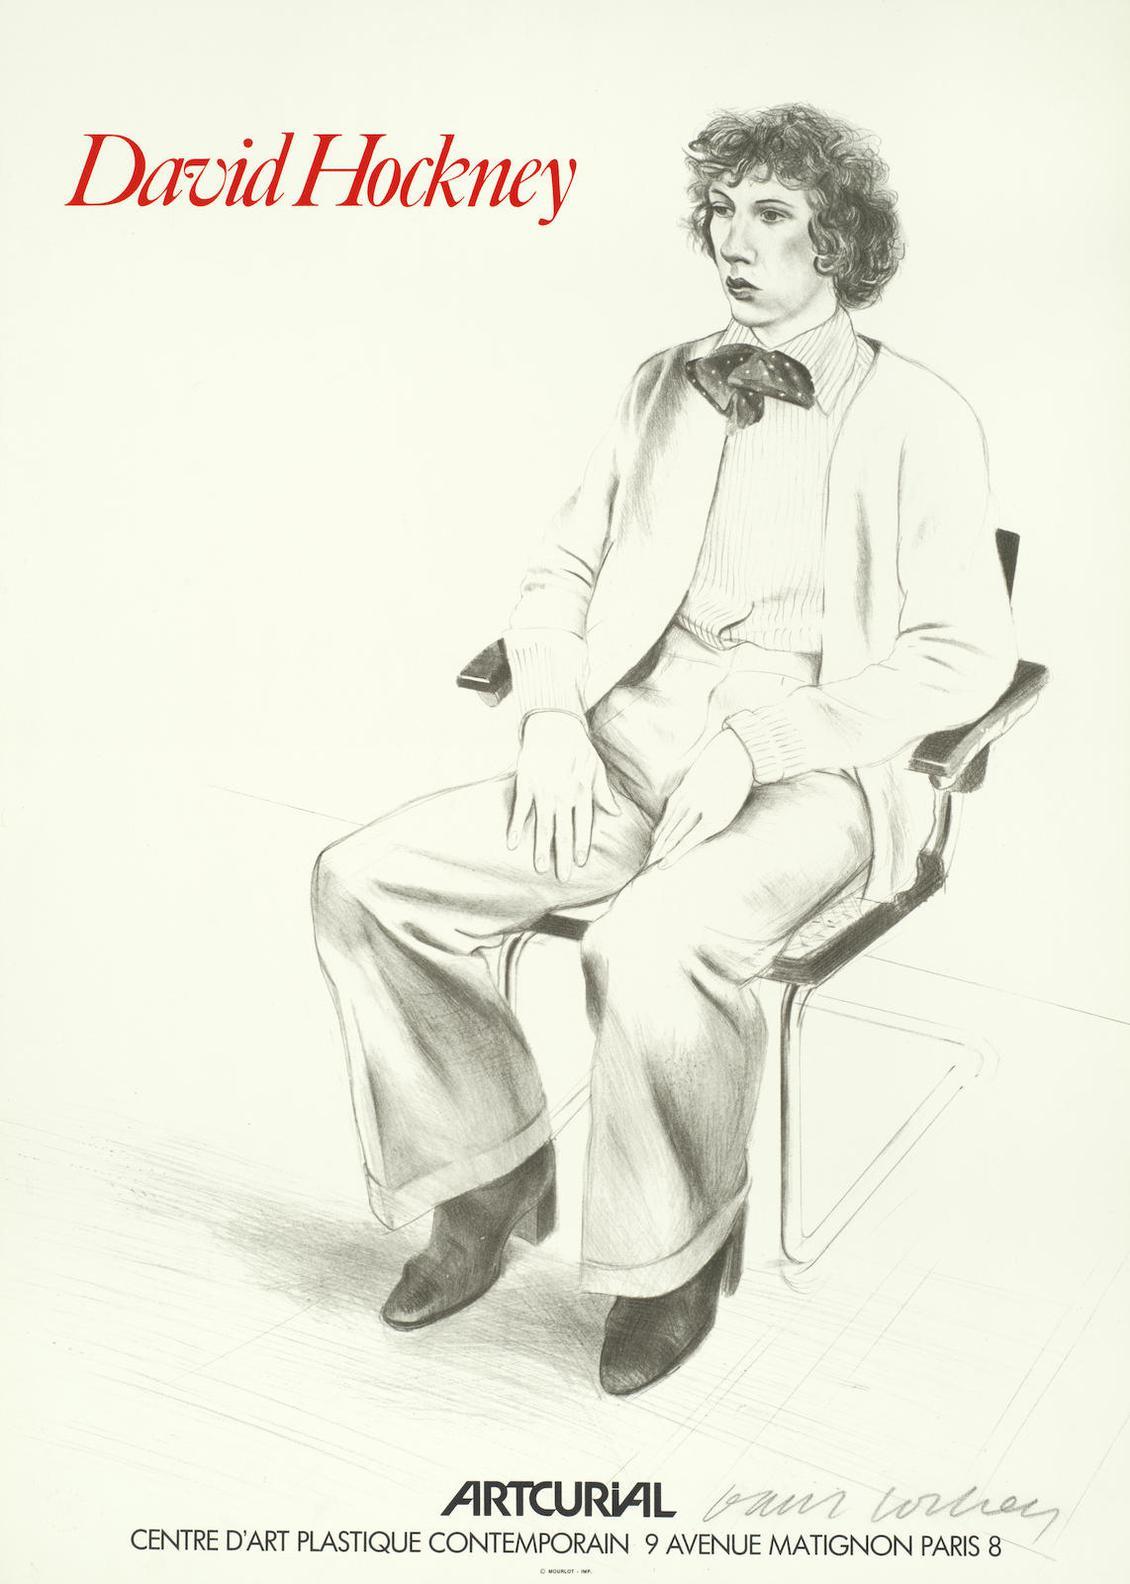 After David Hockney - Artcurial Exhibition Poster; with four further David Hockney exhibition posters-1973